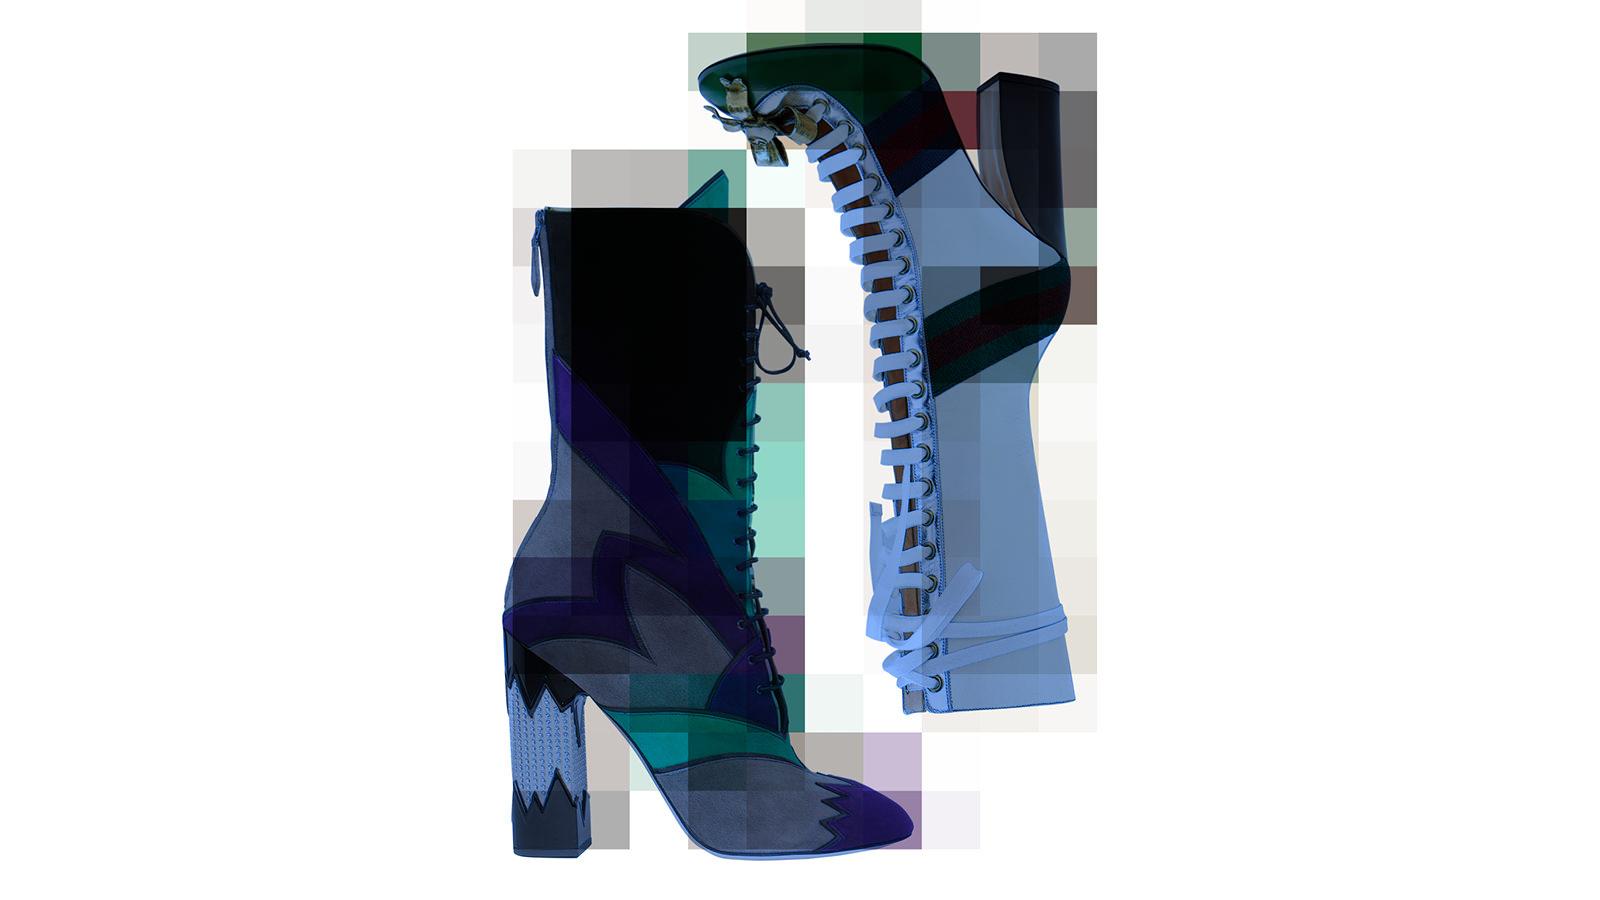 Les bottines à lacets de Miu Miu et de Gucci